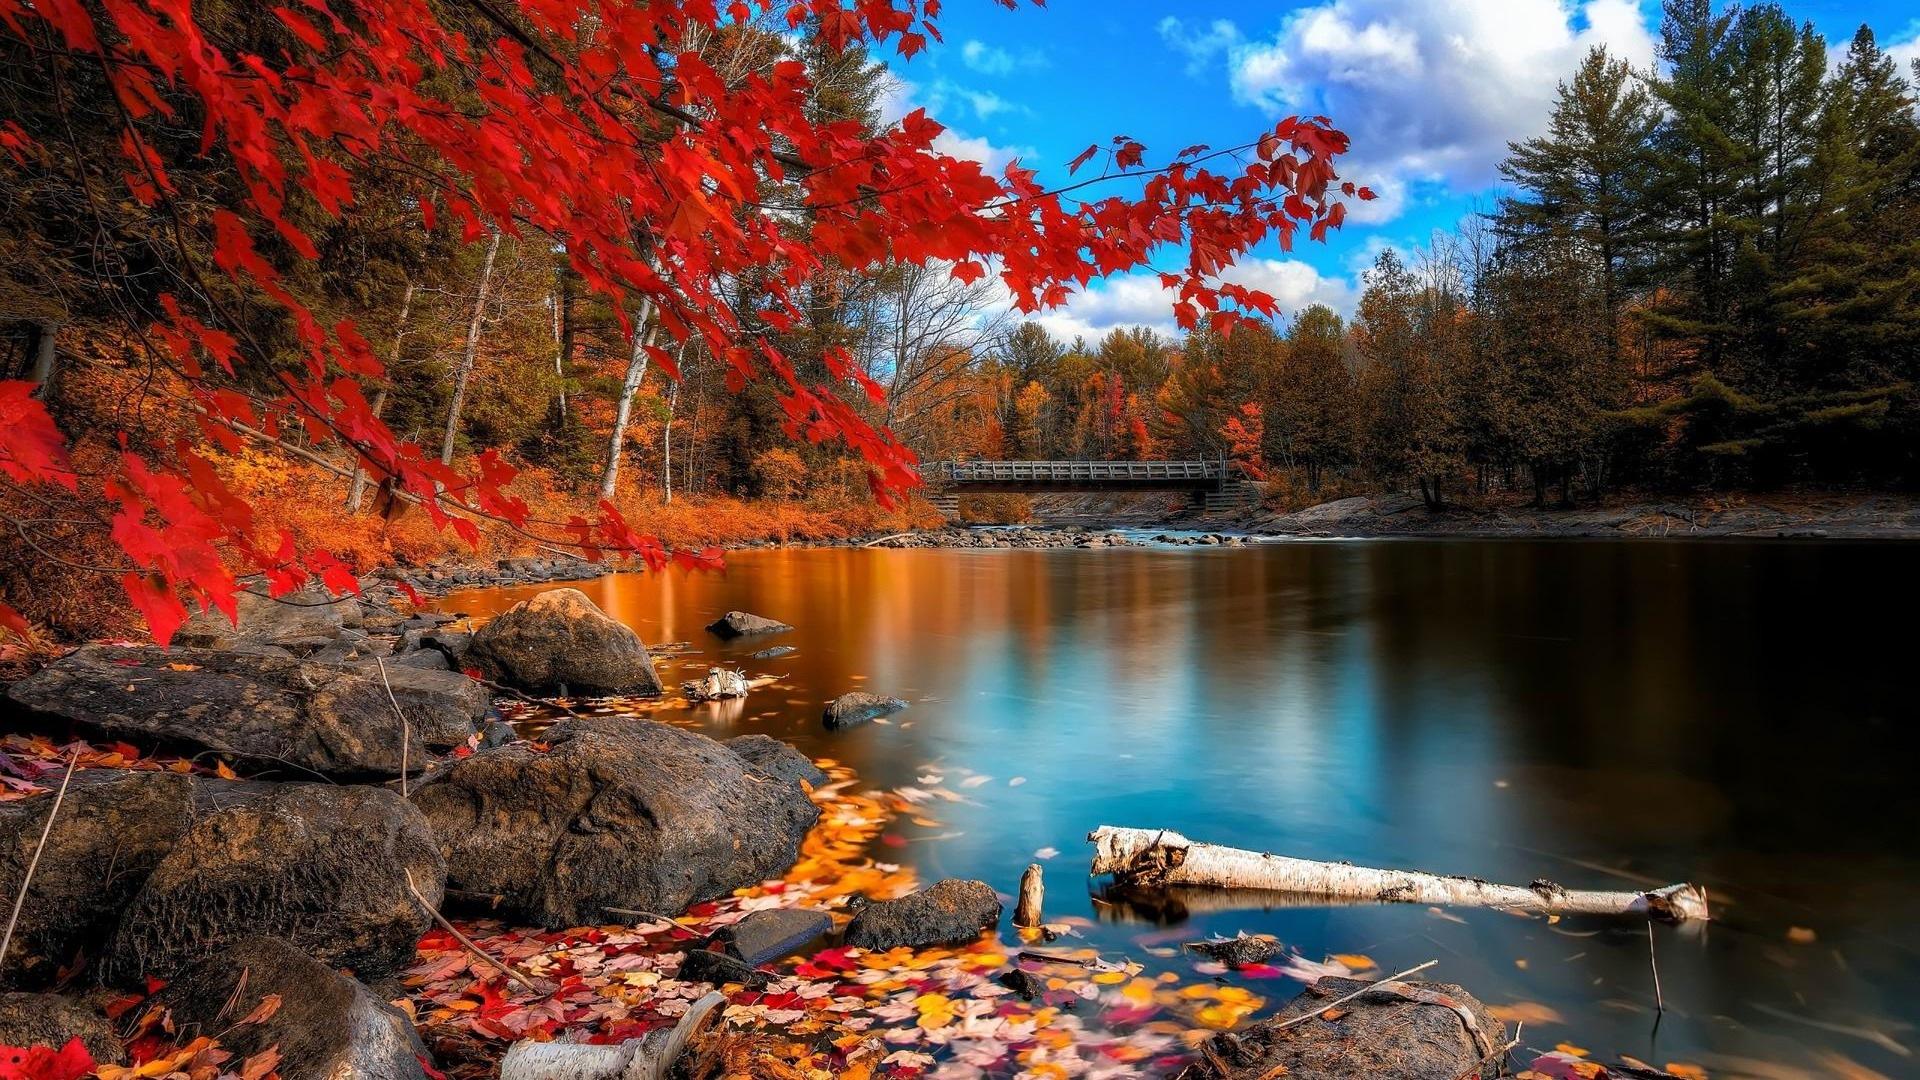 ウィンドウズ8 1テーマのhd壁紙 美しい秋の紅葉 13 19x1080 壁紙ダウンロード ウィンドウズ8 1テーマのhd壁紙 美しい秋の紅葉 システム 壁紙 V3の壁紙